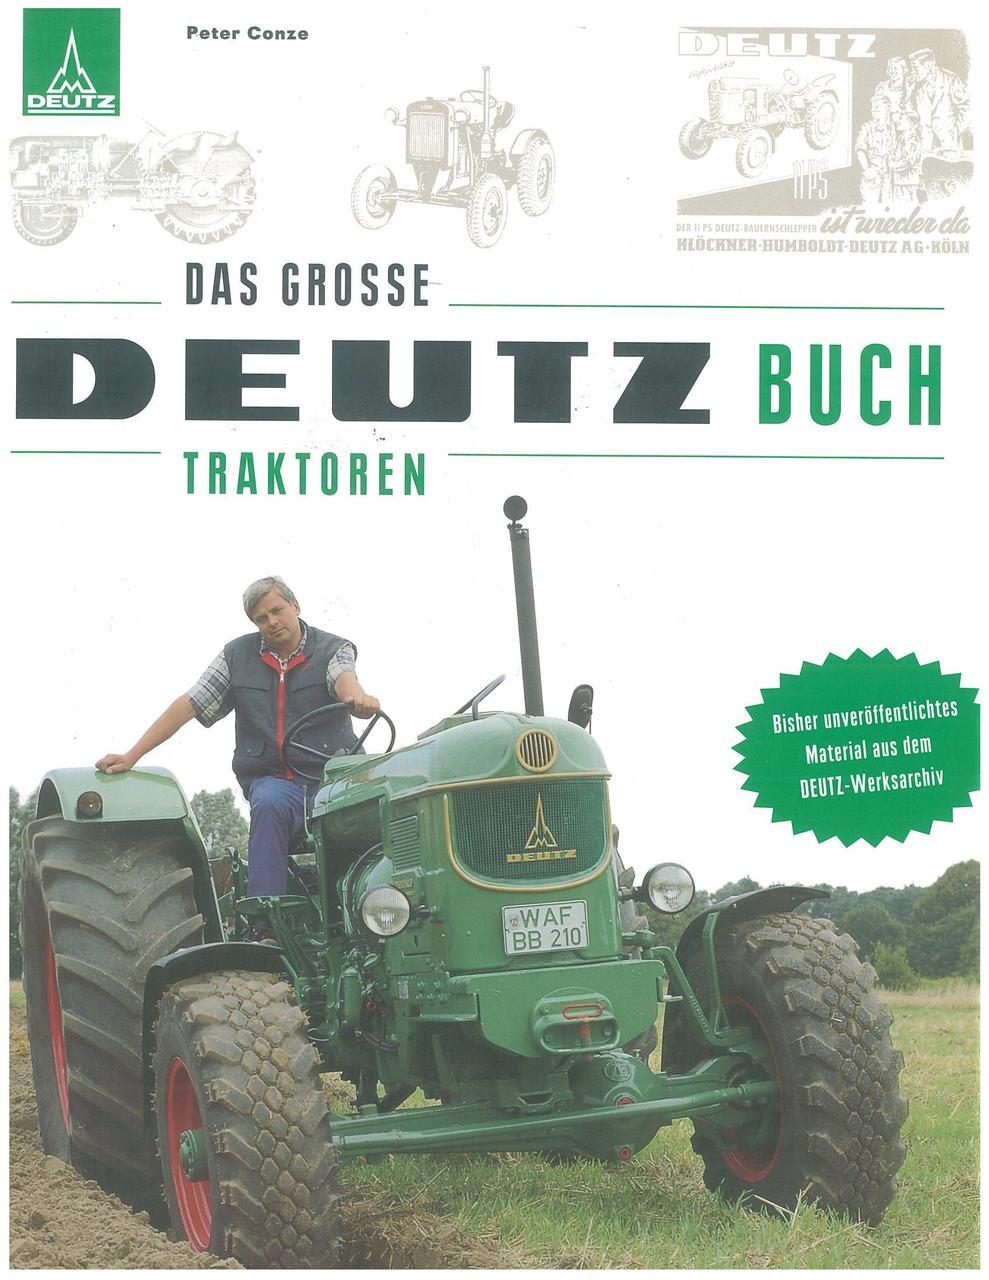 CONZA Peter, DAS GROSSE DEUTZ BUCH TRAKTOREN, Munster, Landwirtschaftsverlag Gmbh, 2004